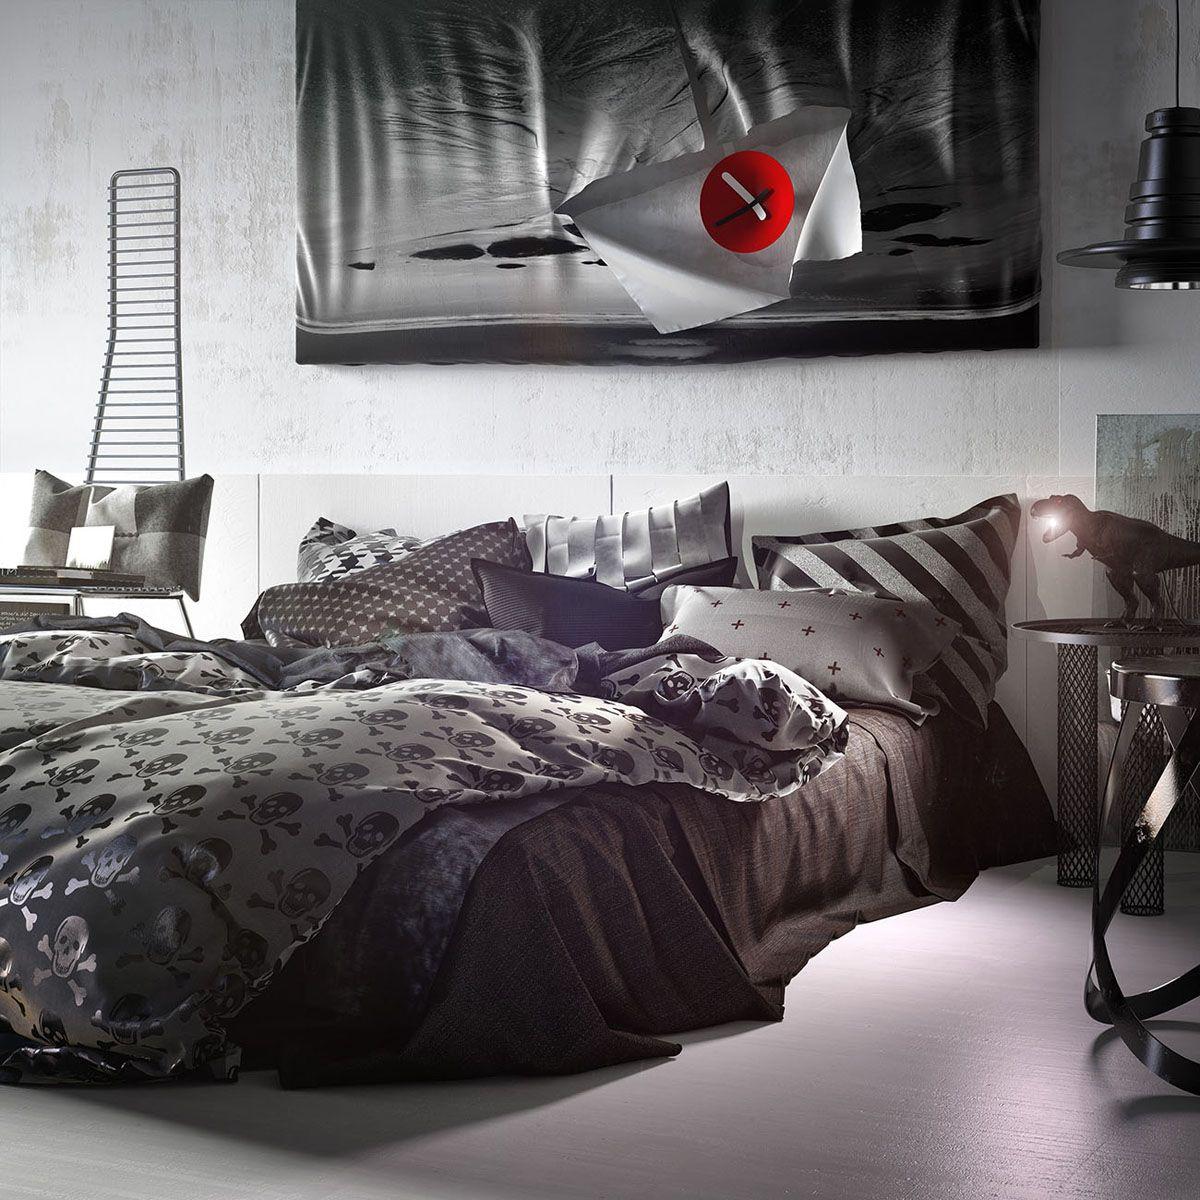 Bedroom Designer Tool Vrayworld  Supercloth  Archviz Stills  Pinterest  3D And